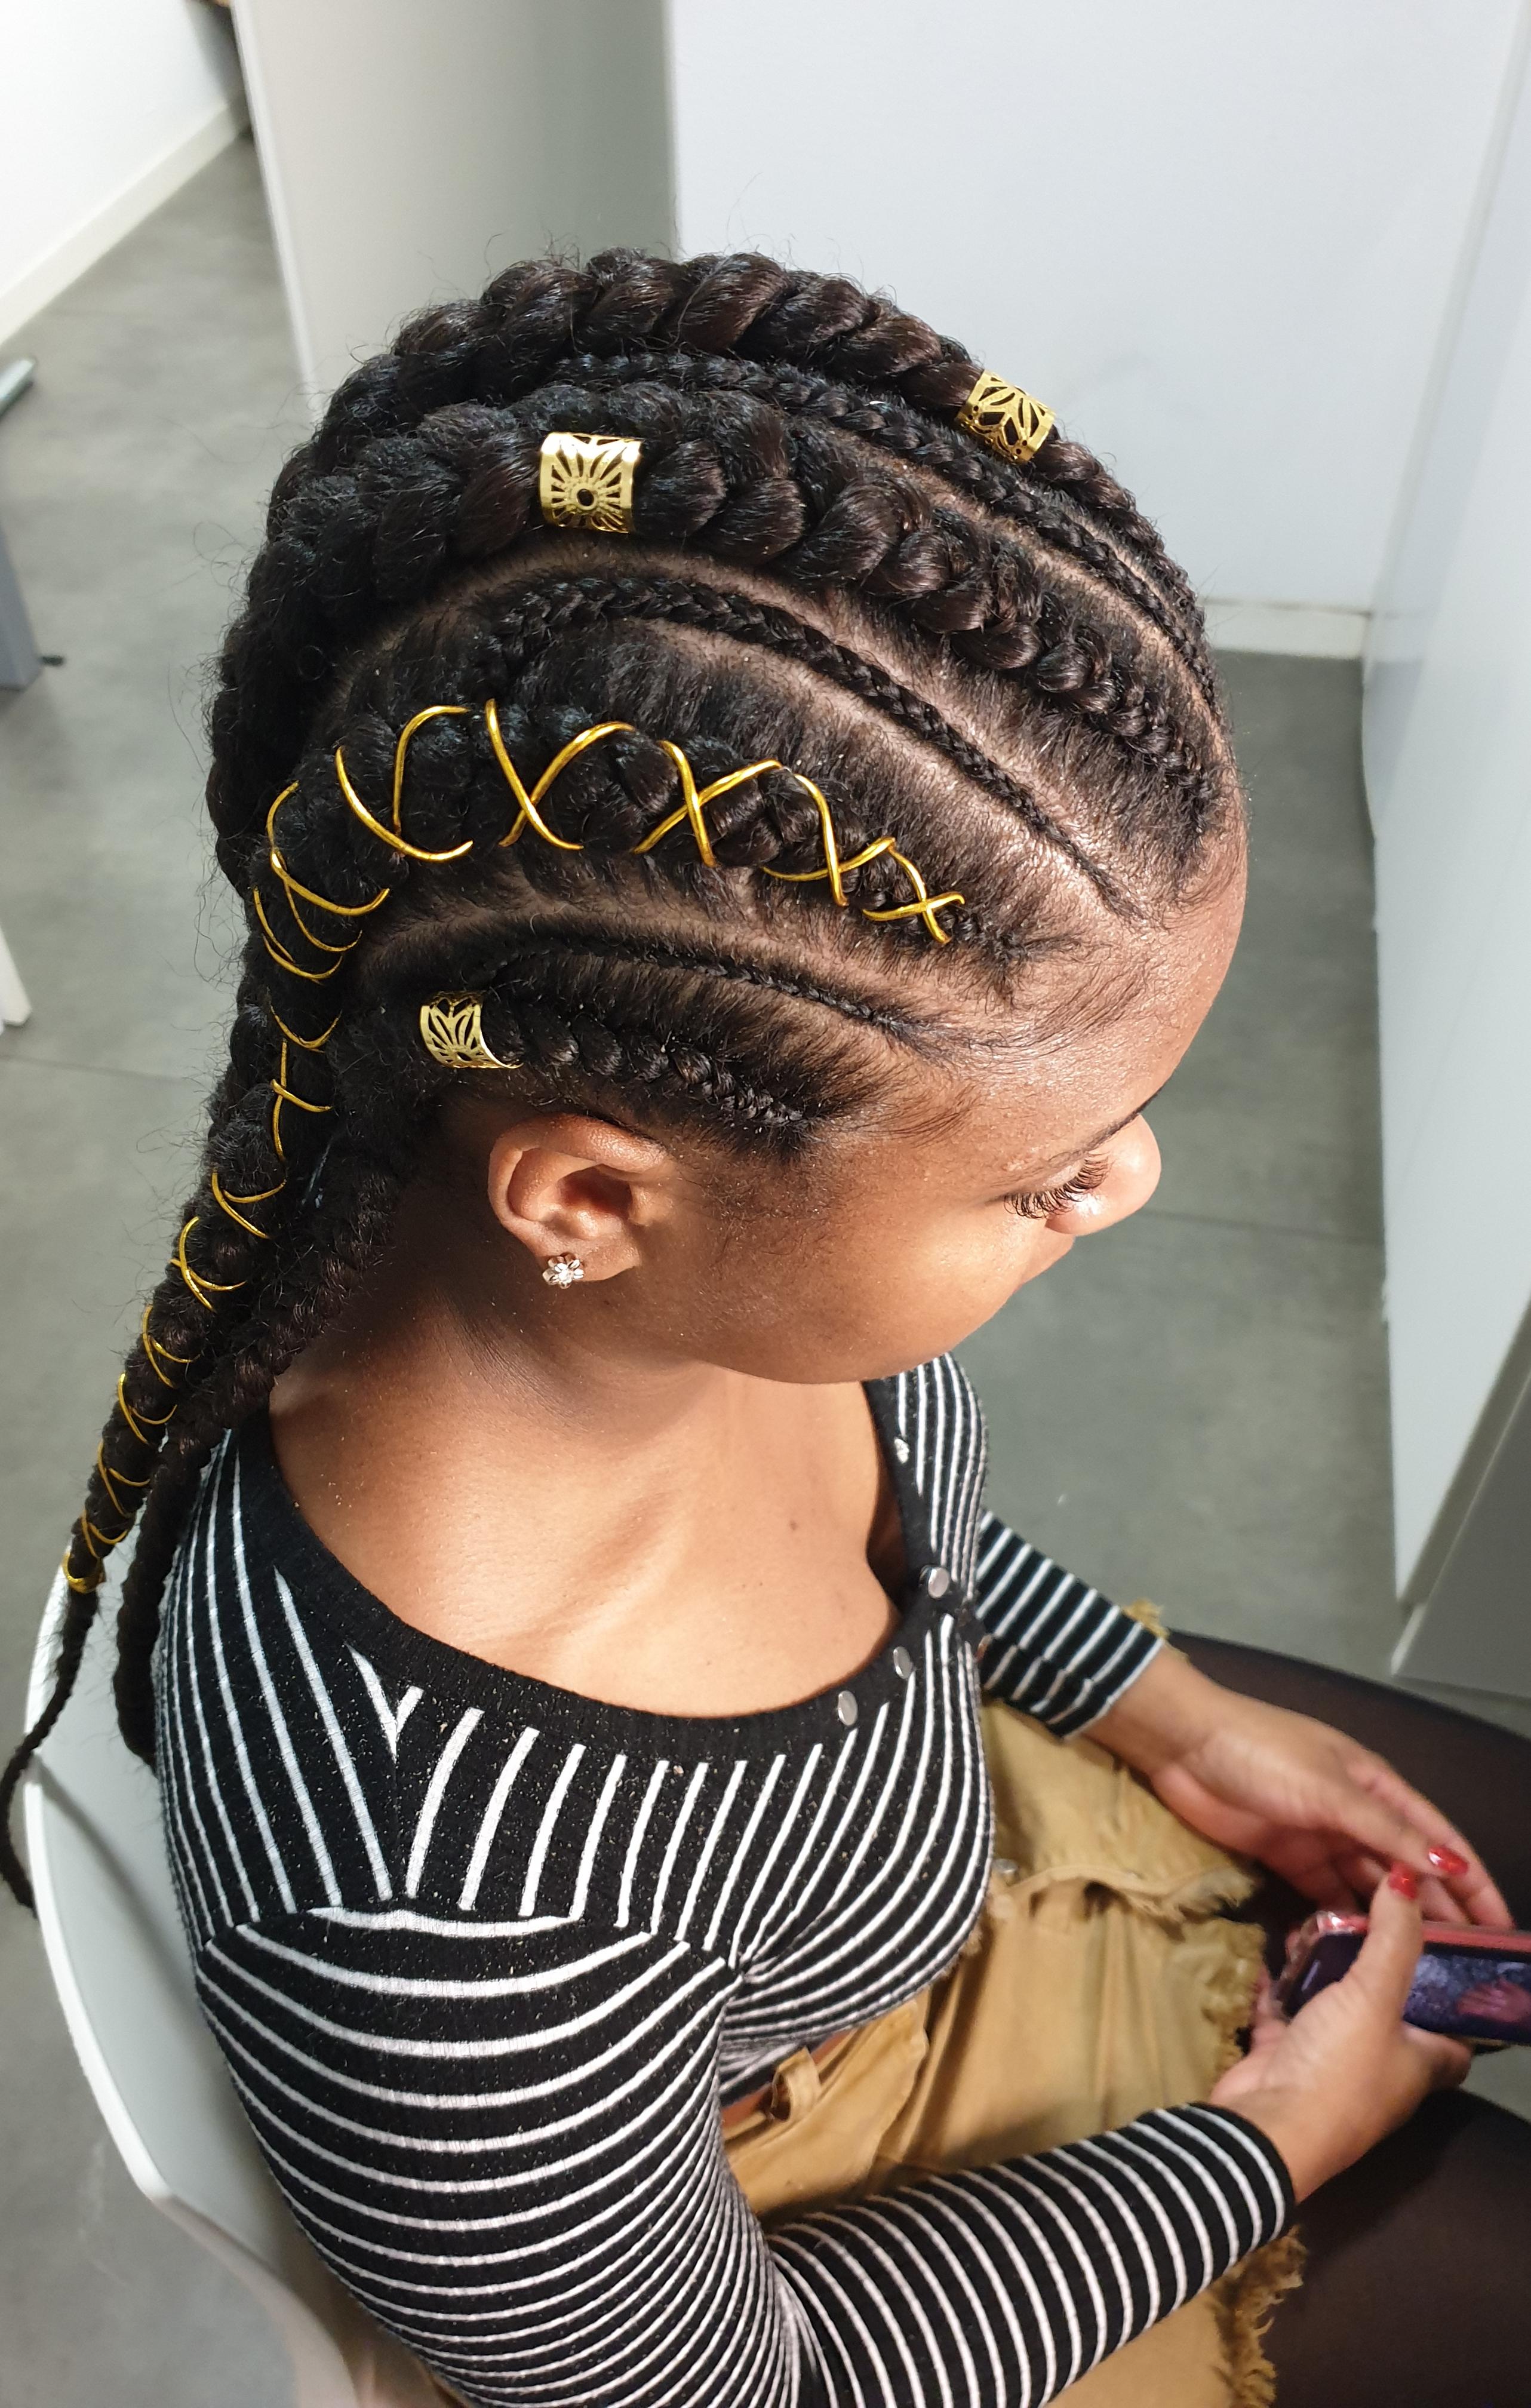 salon de coiffure afro tresse tresses box braids crochet braids vanilles tissages paris 75 77 78 91 92 93 94 95 ELPQHAVK